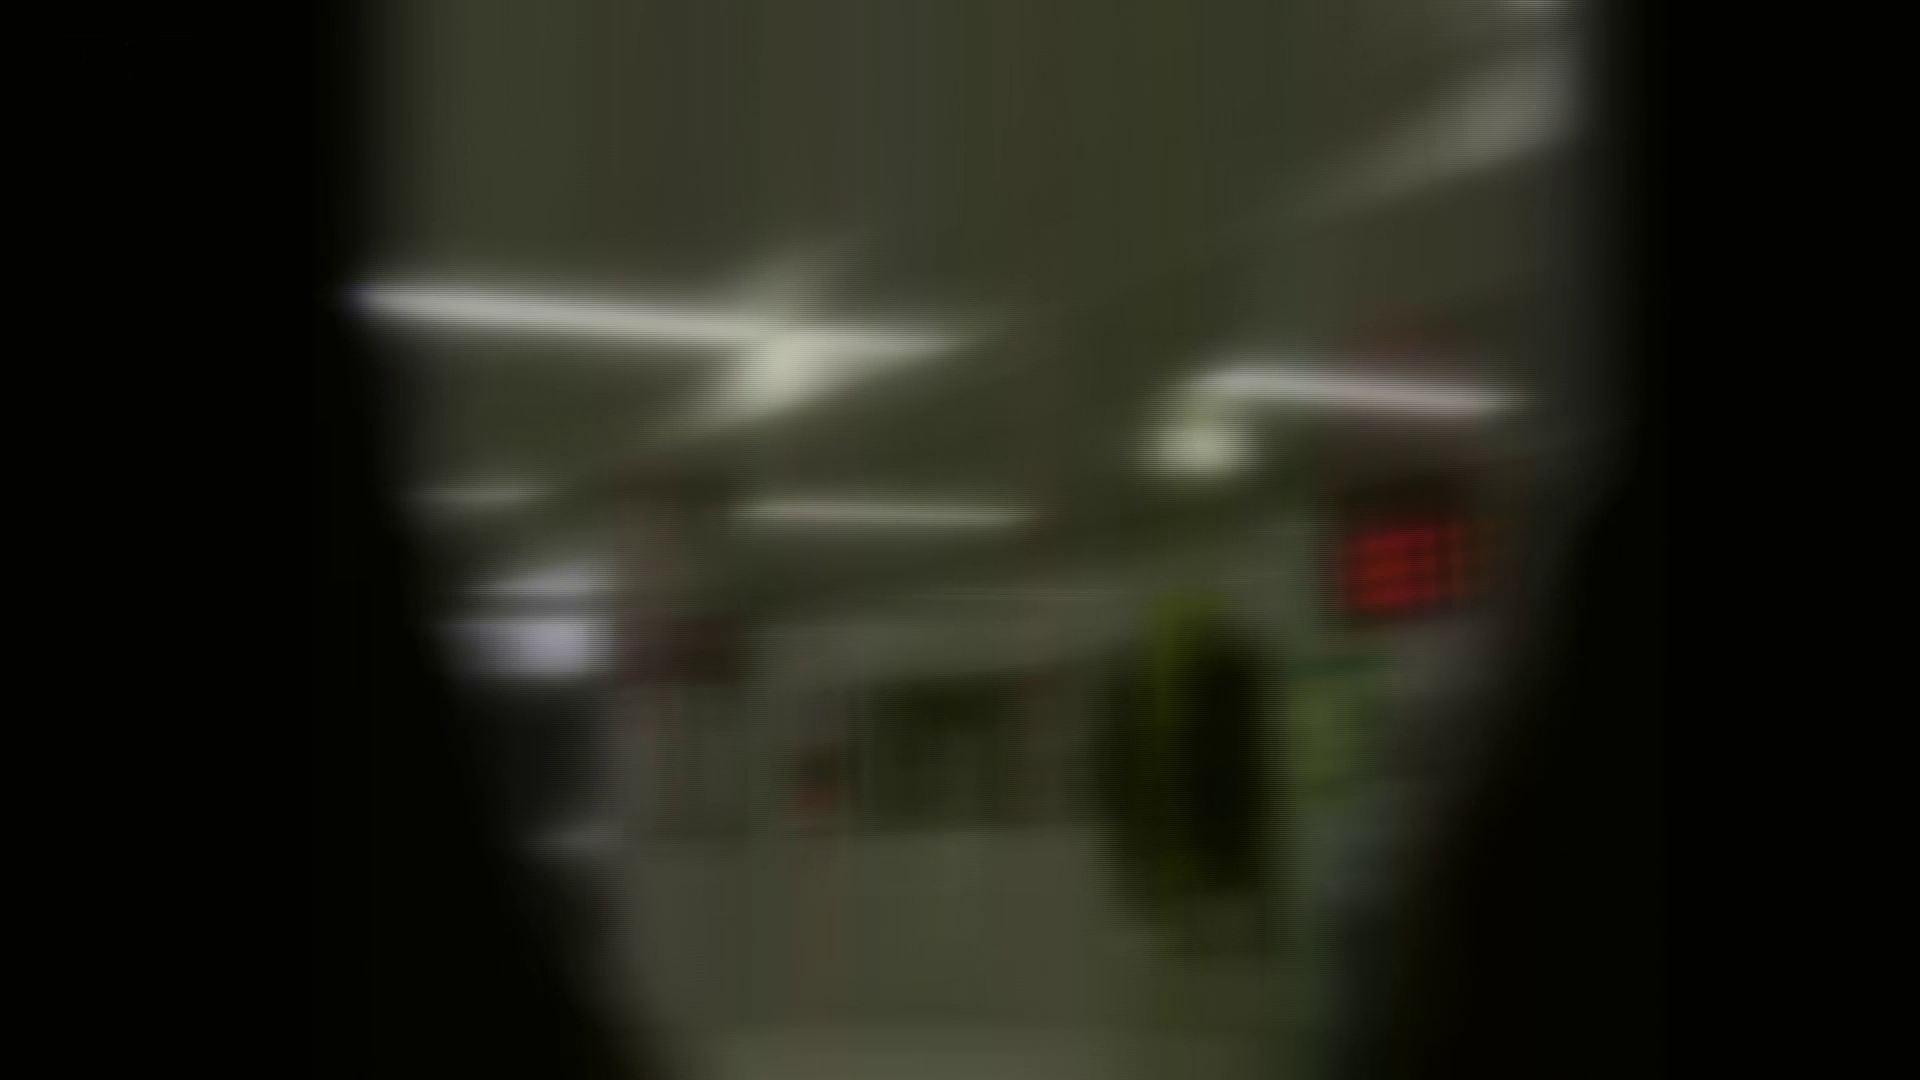 駅隣接デパート Vol.09 お久しぶりです。GIFTです。 美女のボディ | OLのボディ  59PIX 1